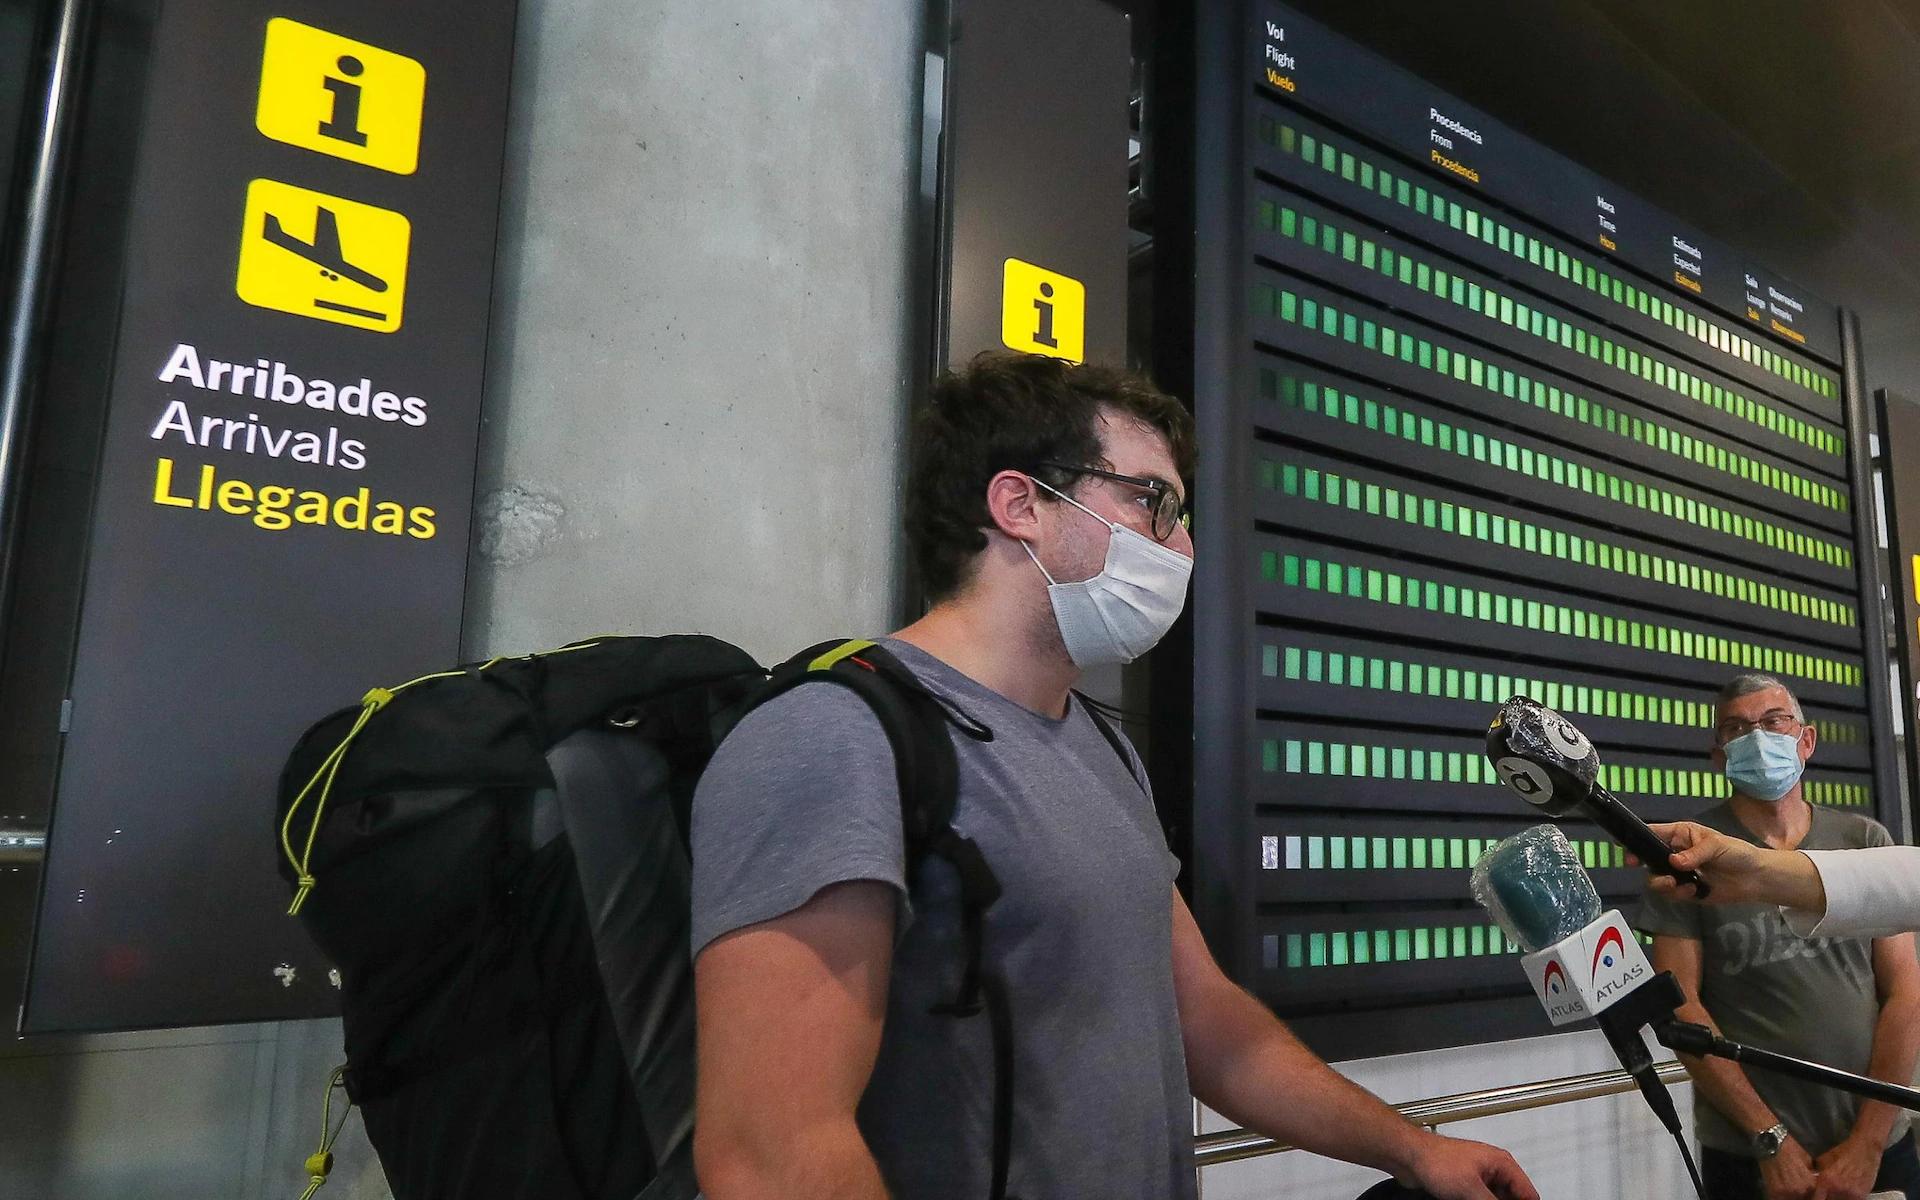 España el país del mundo con mas reservas hoteleras